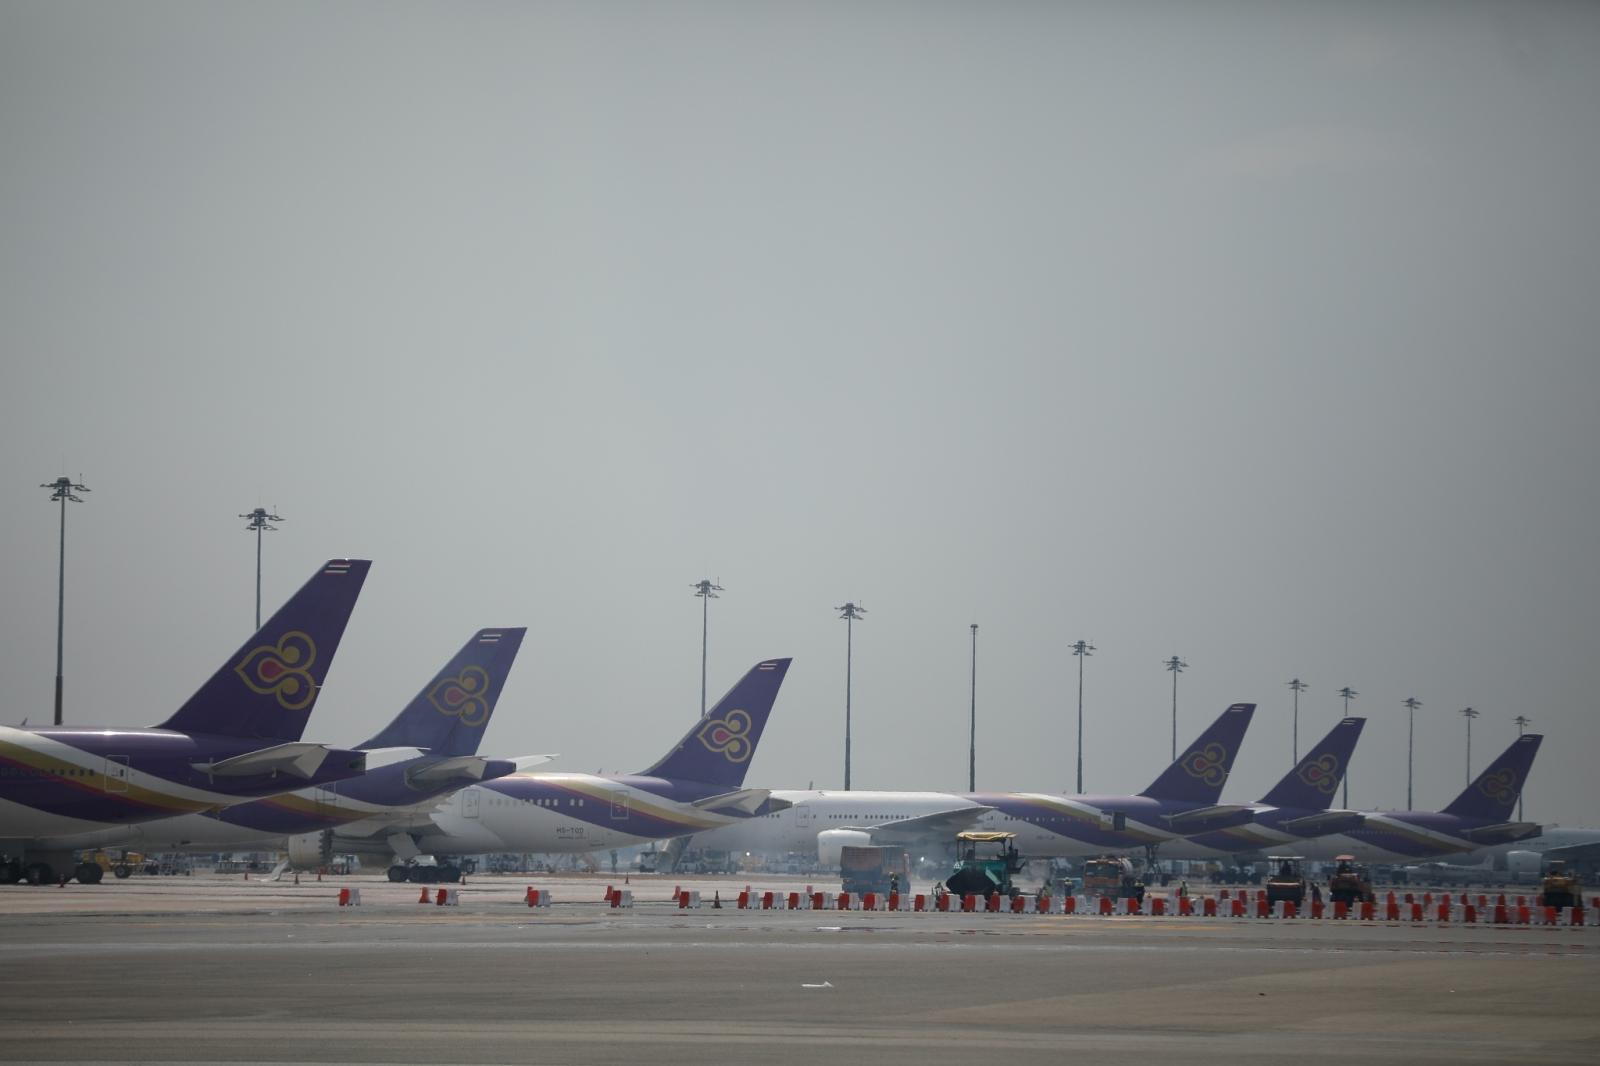 ครม.เคาะแผนฟื้นฟูการบินไทยเตรียมยื่นศาลล้มละลายกลาง